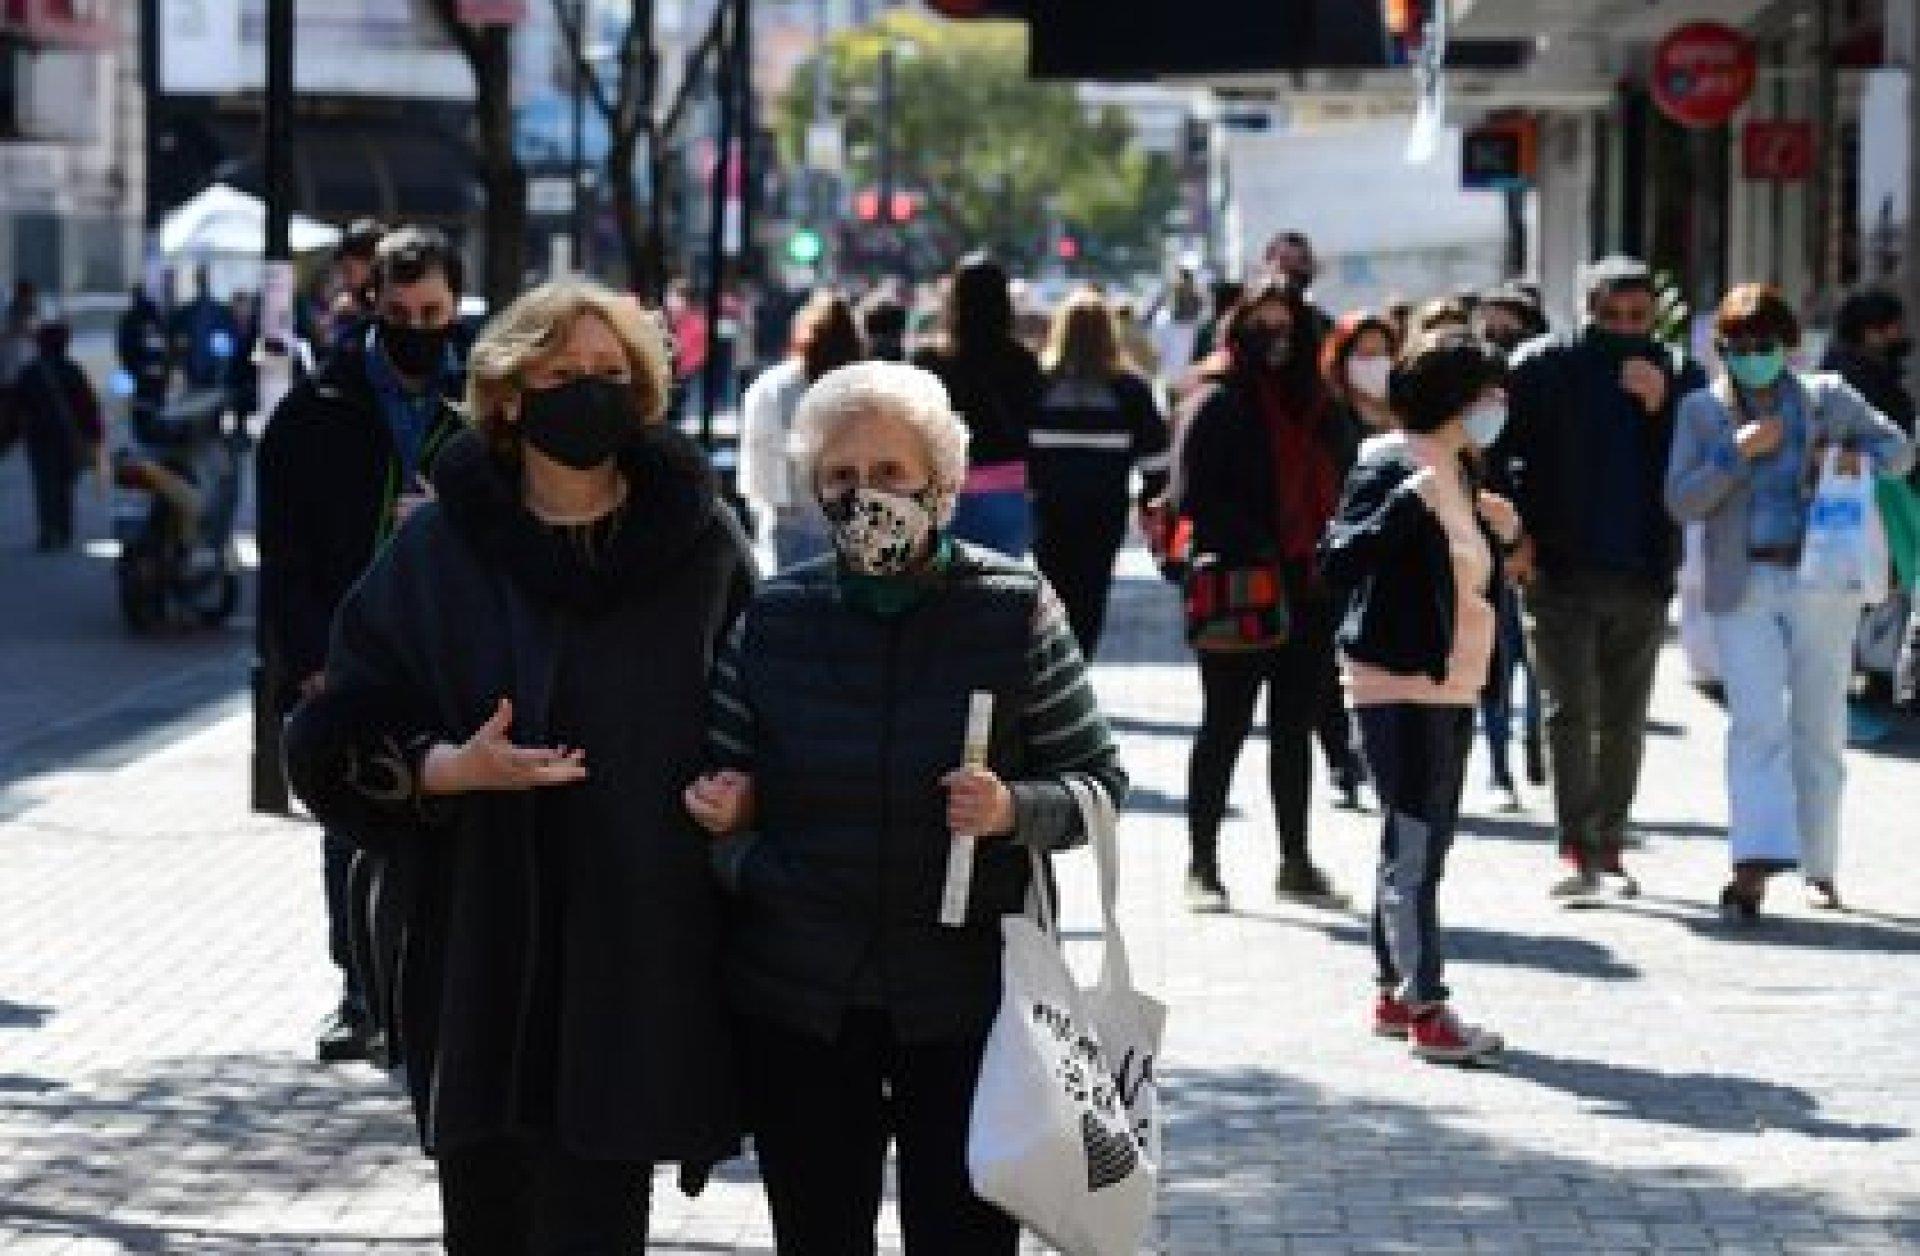 Personas de todas las edades salen a pasear durante un día soleado en Quilmes. Si bien el uso del tapabocas está generalizado, la distancia social es cosa del pasado. No se ve control policial ni de las autoridades municipales, aunque hay presencia de efectivos de la fuerza de seguridad local cada cierto número de cuadras